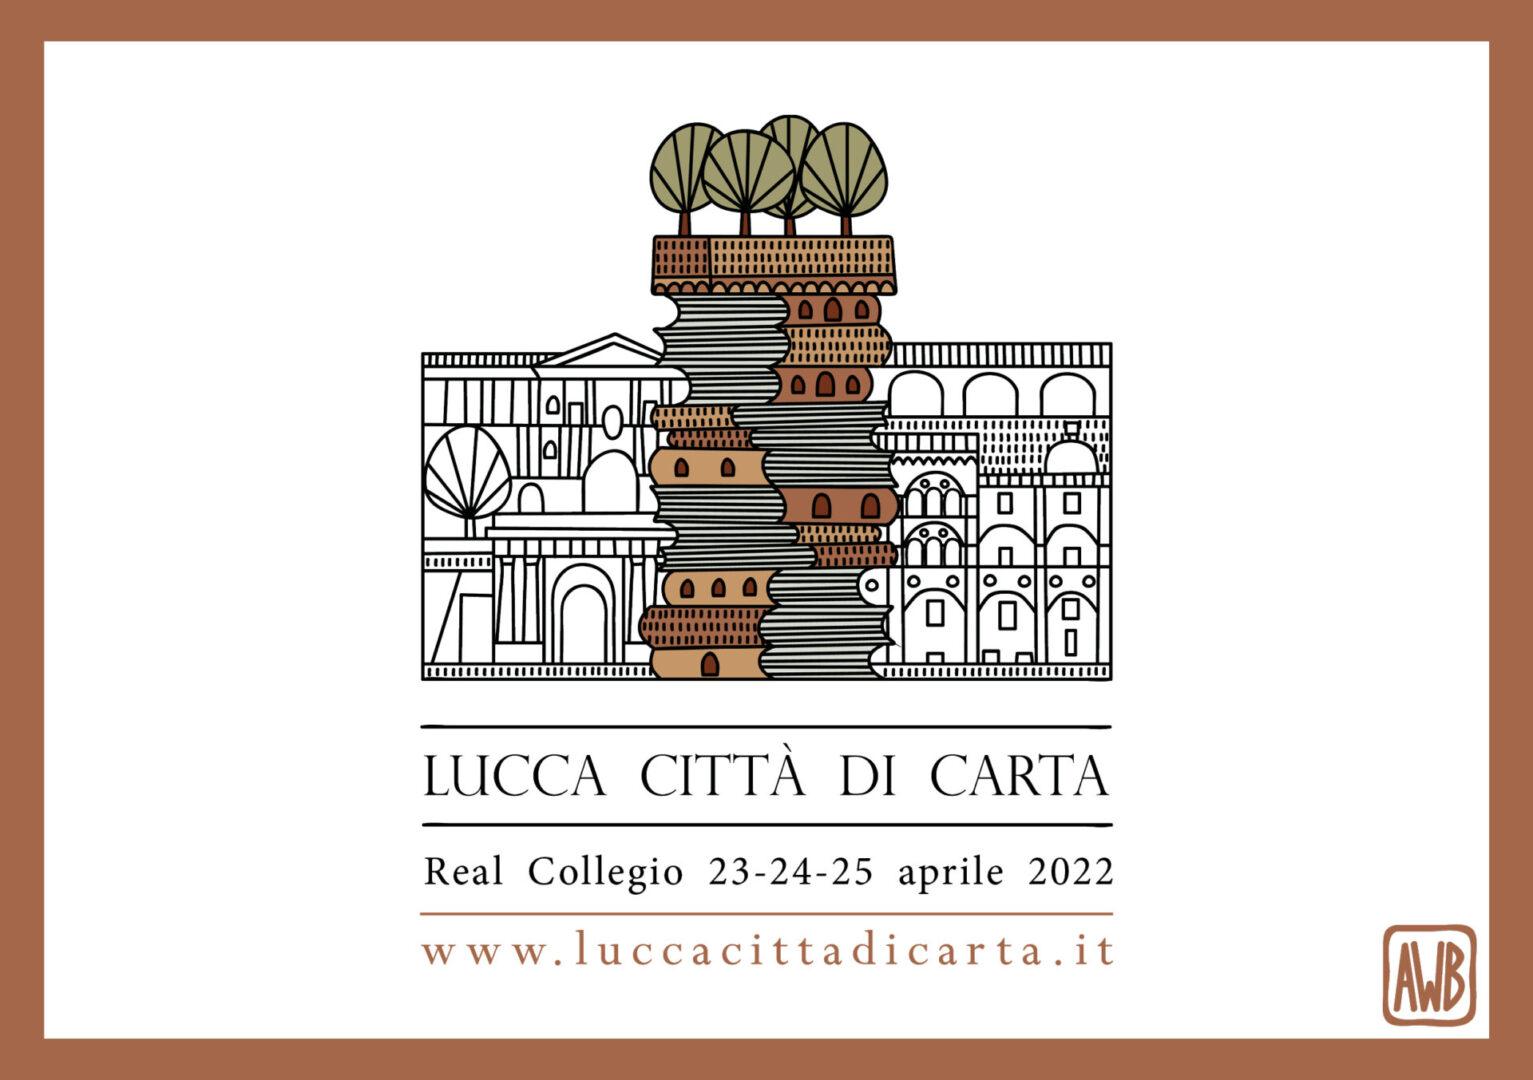 Lucca Città di carta 2022